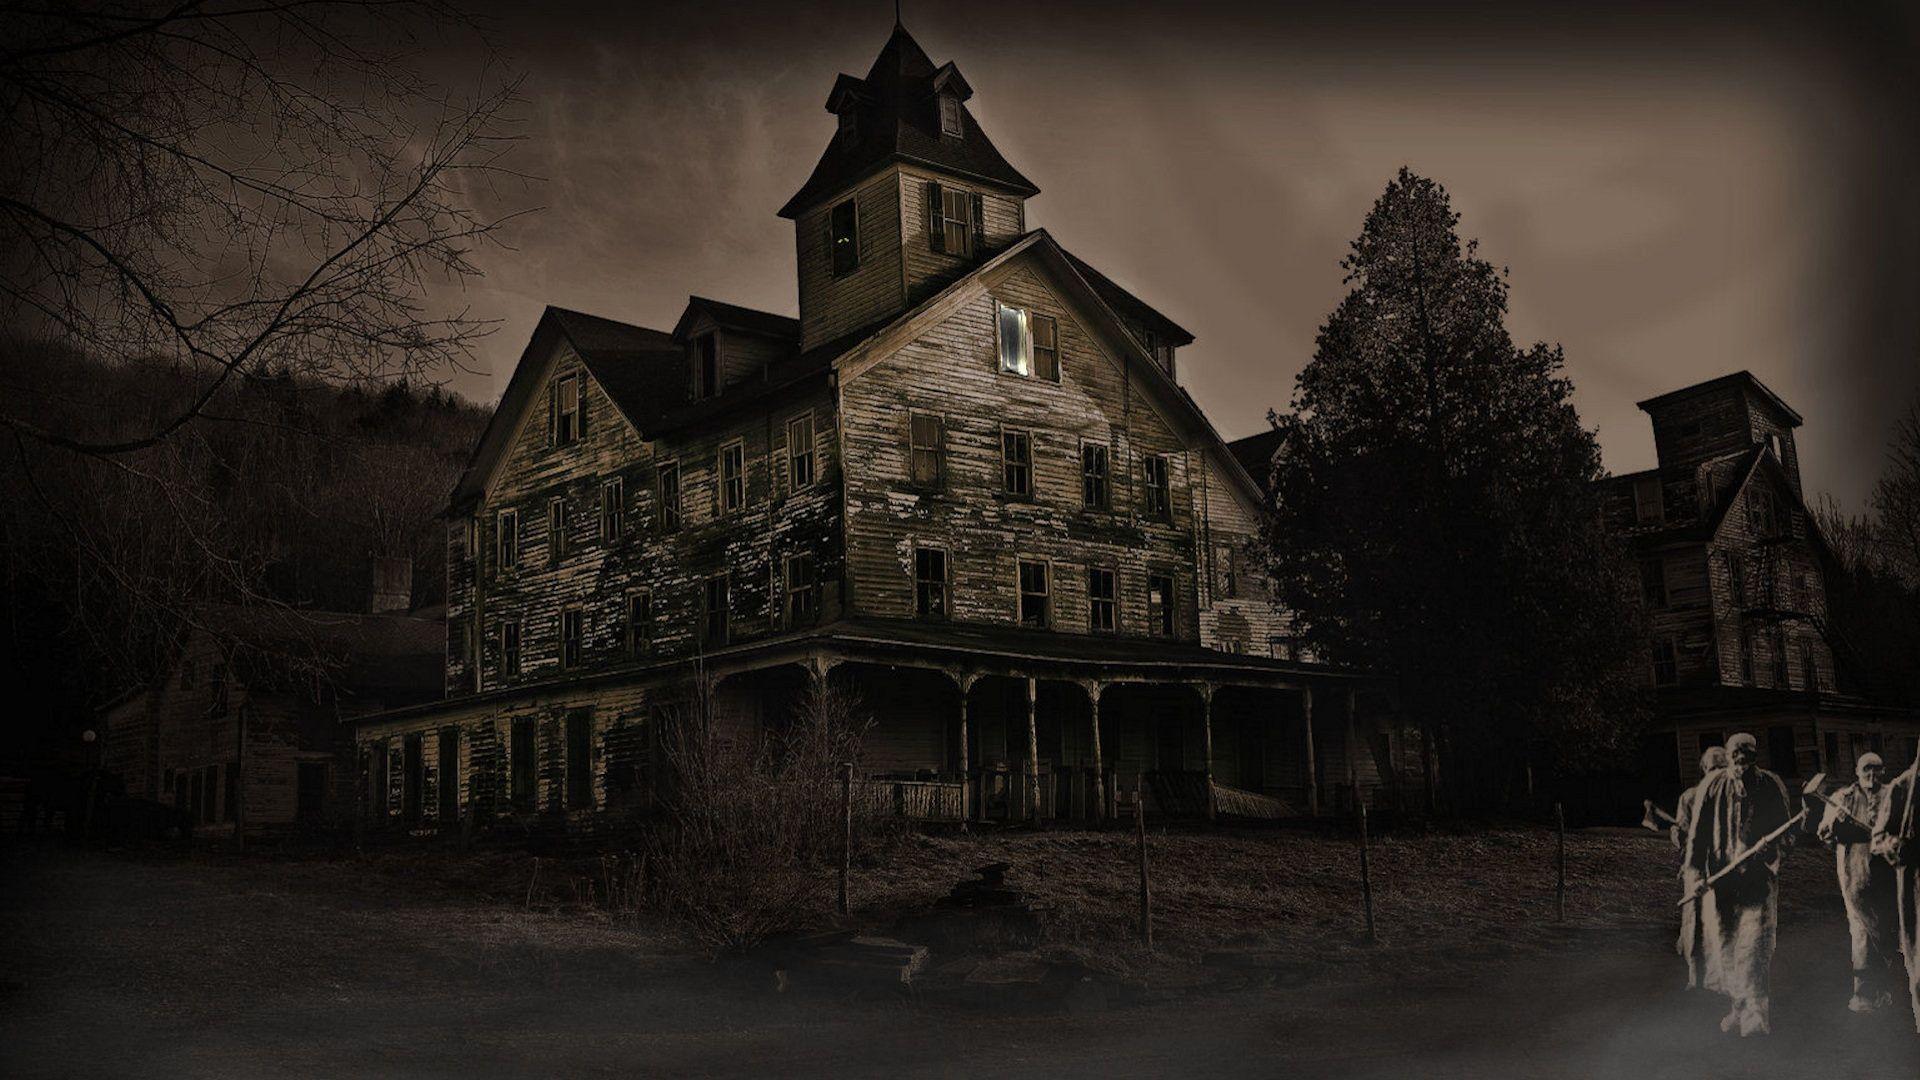 Haunted House Wallpapers Desktop 1920x1080